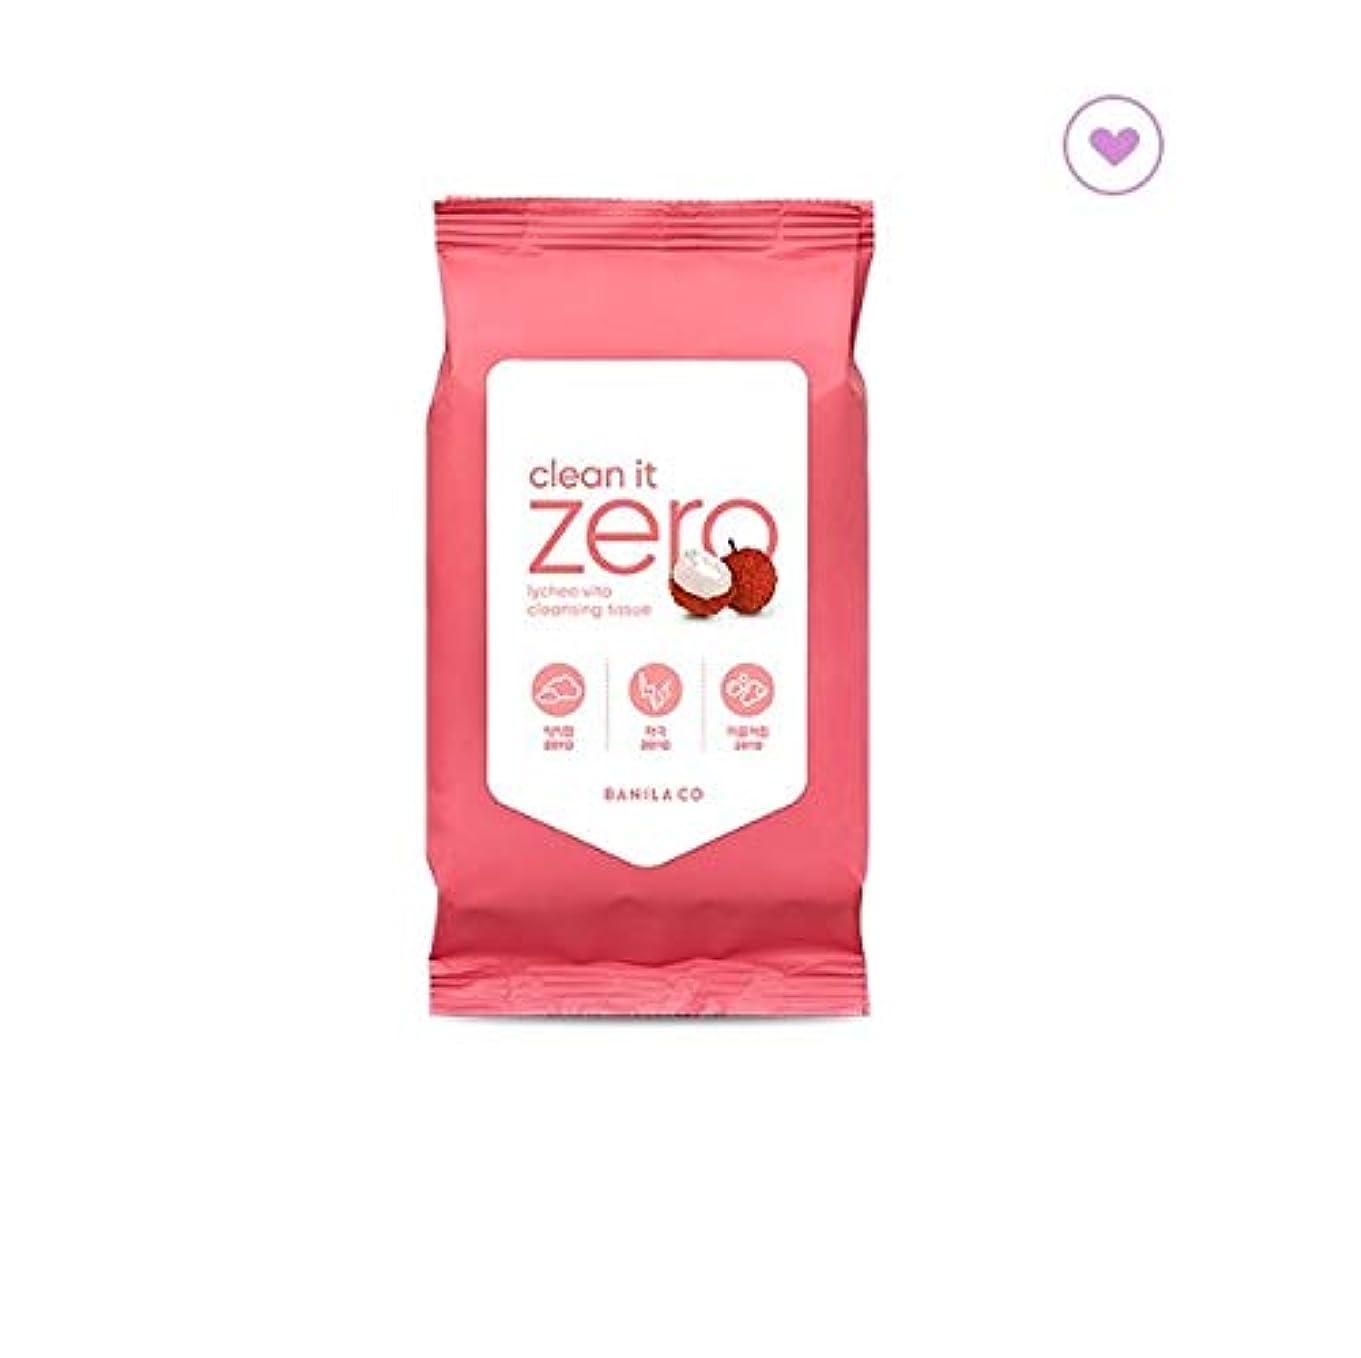 徴収臭い常にbanilaco バニラコクリーンイットゼロライチヴィータクレンジングティッシュ30枚 / banilaco Clean It Zero Lychee Vita Cleansing Tissue 30 sheets (150g...